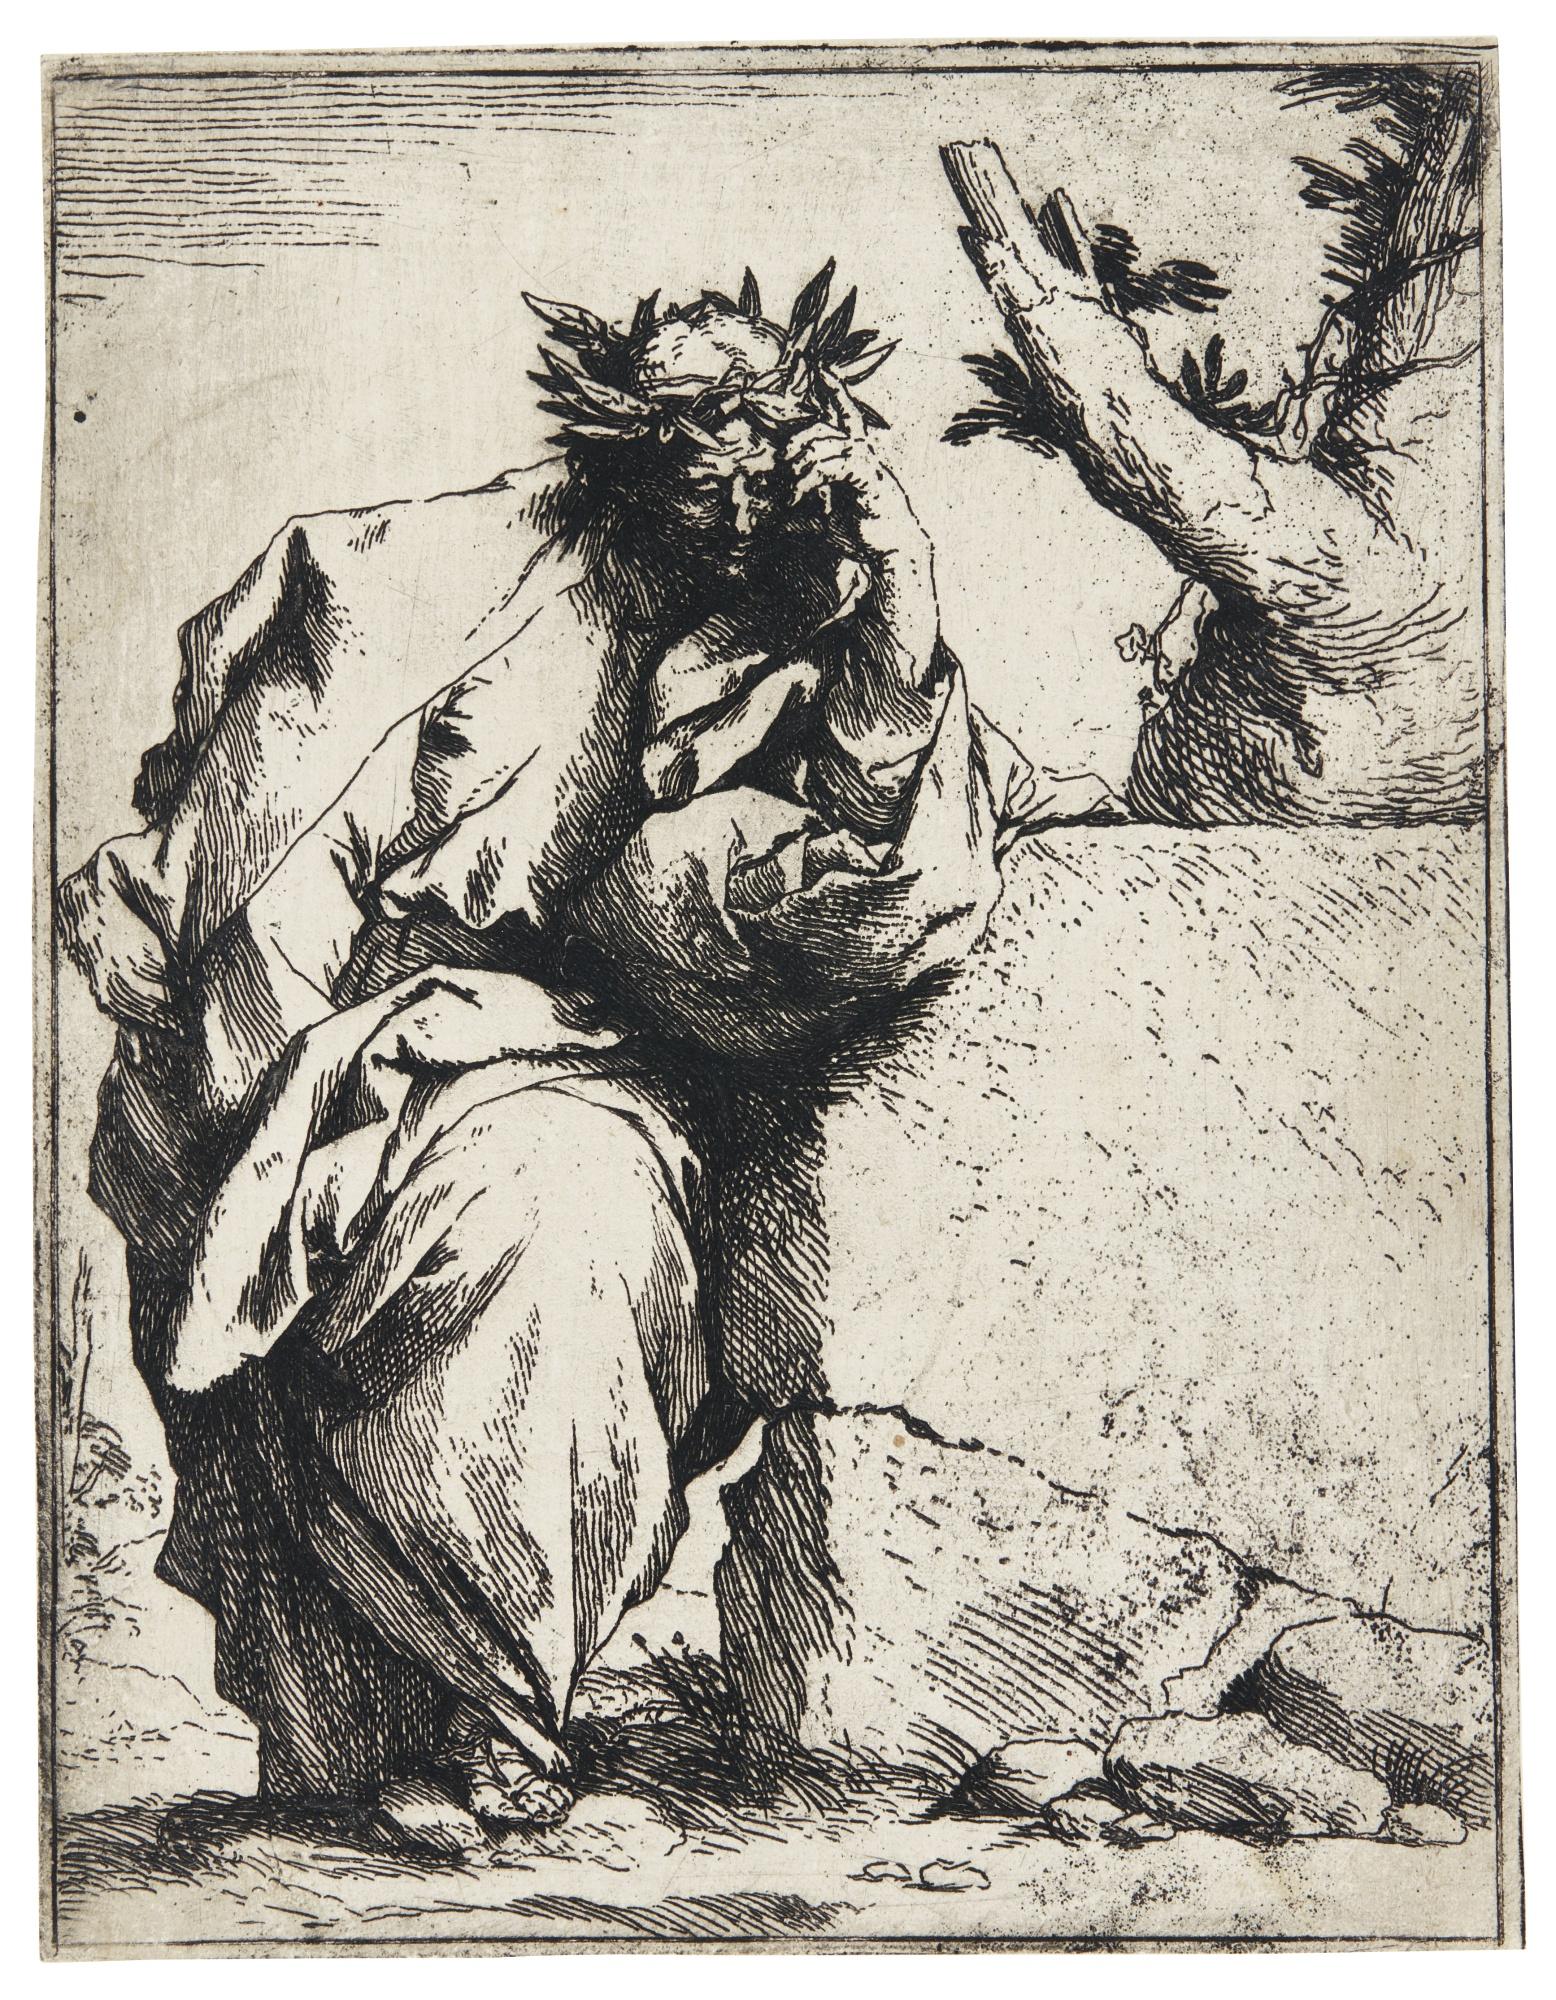 Jusepe de Ribera-The Poet (Bartsch 10; Brown 3)-1621